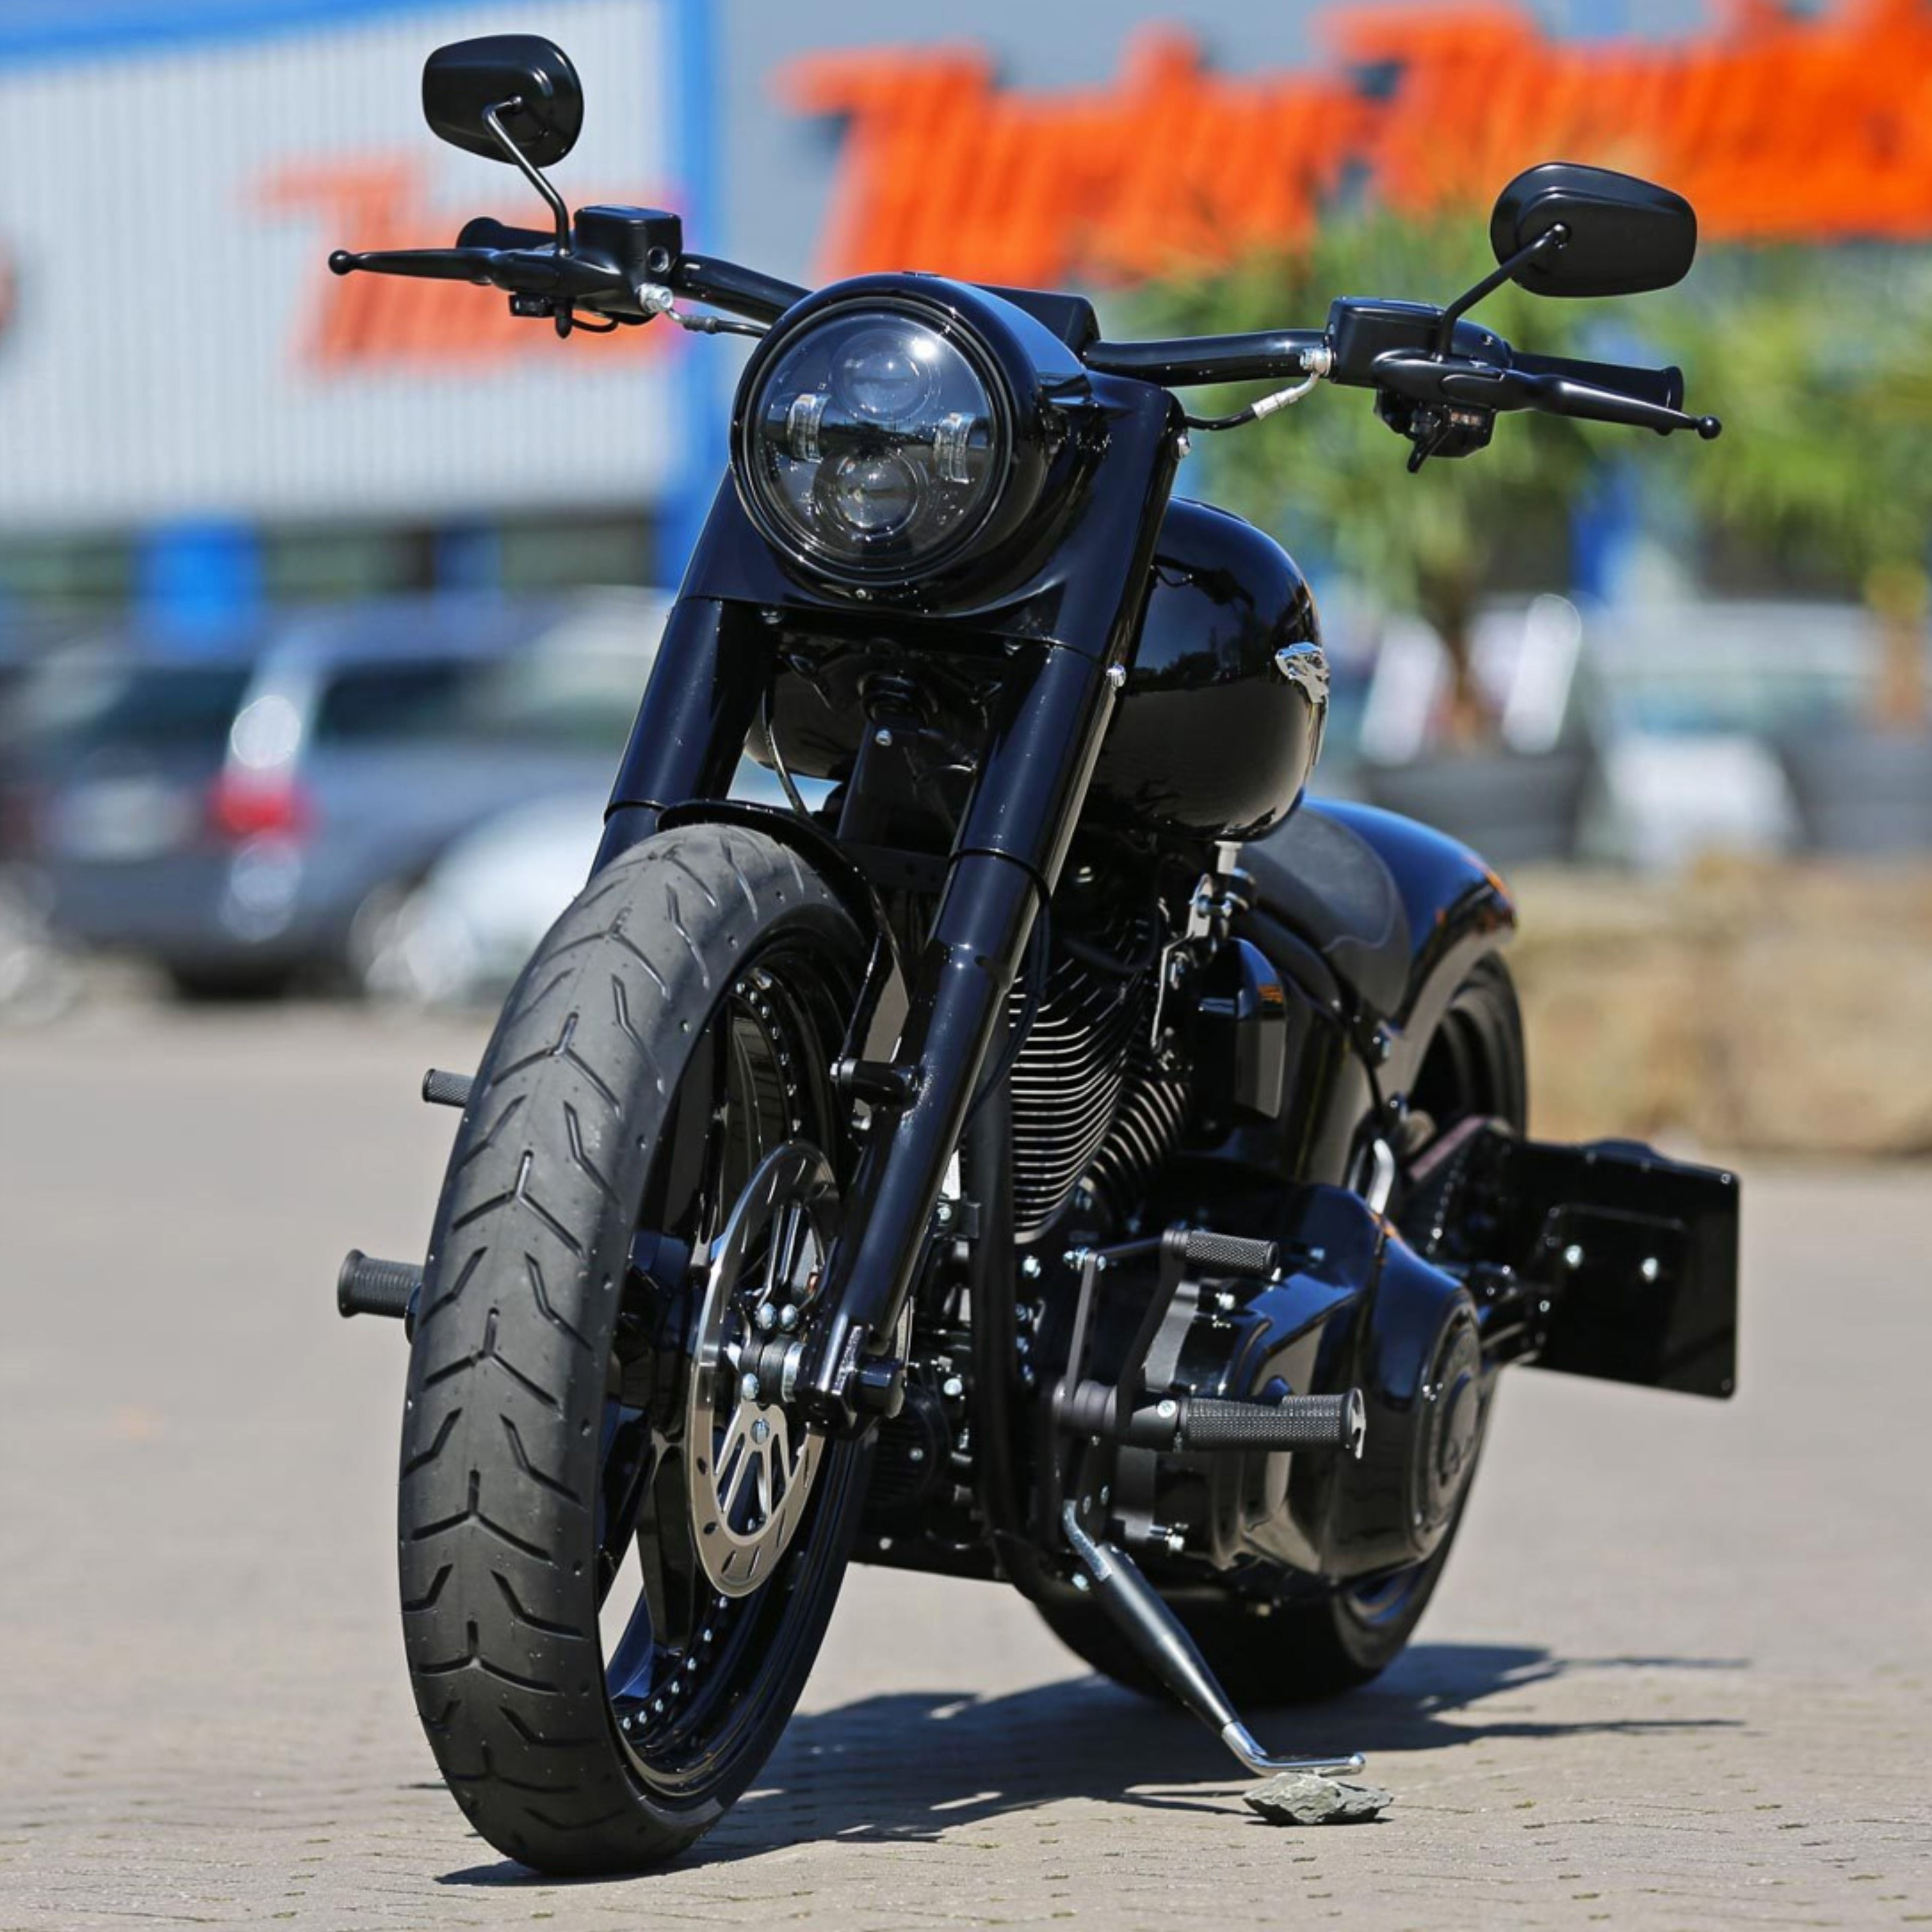 Cross 4k Video In 2020 Harley Davidson Harley Davidson